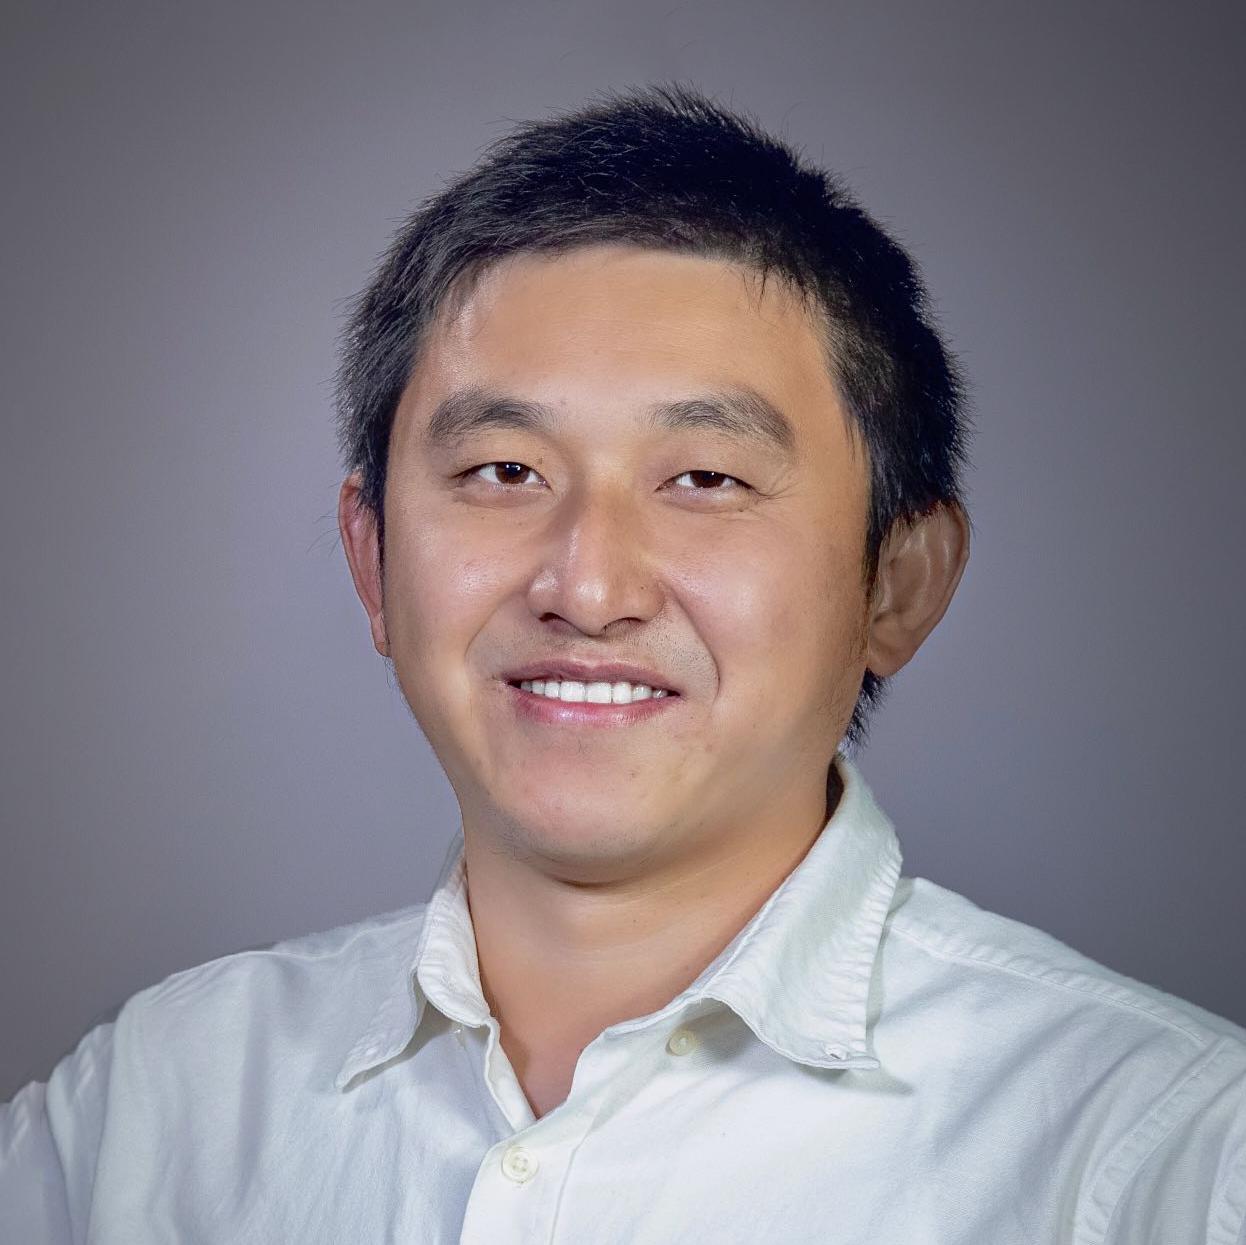 Dr. Rui Liu